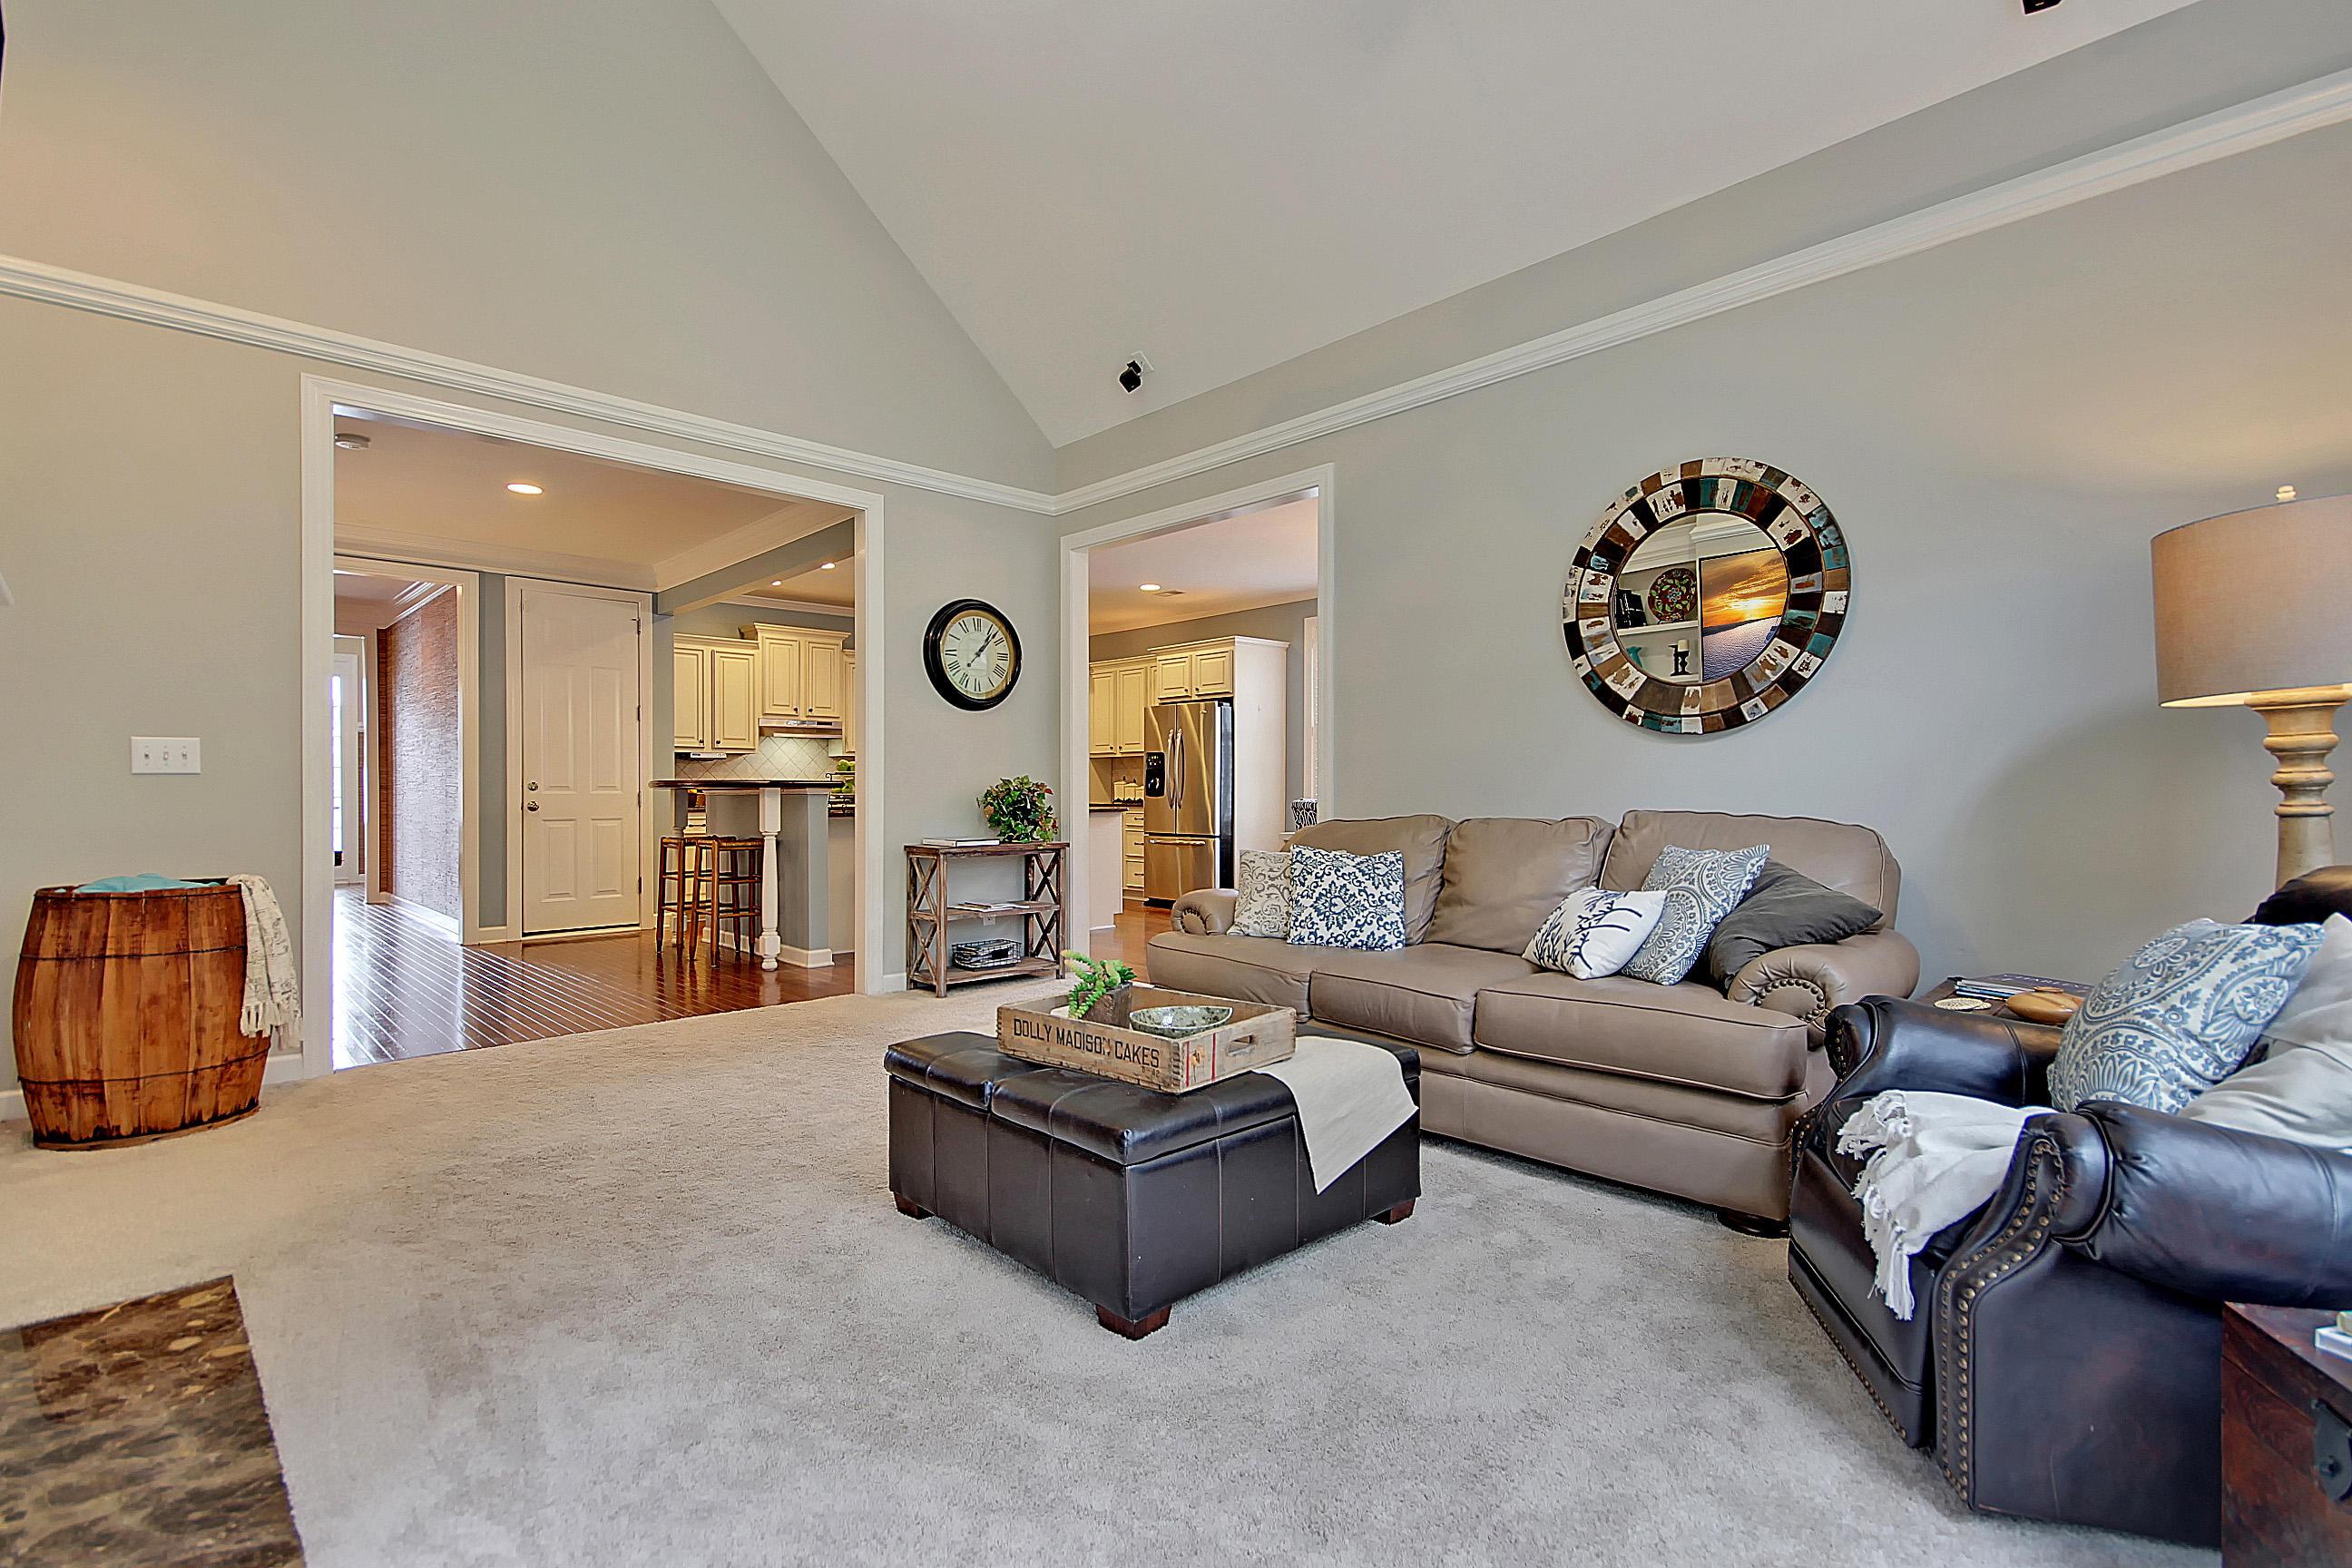 Dunes West Homes For Sale - 3056 Riverwood, Mount Pleasant, SC - 7